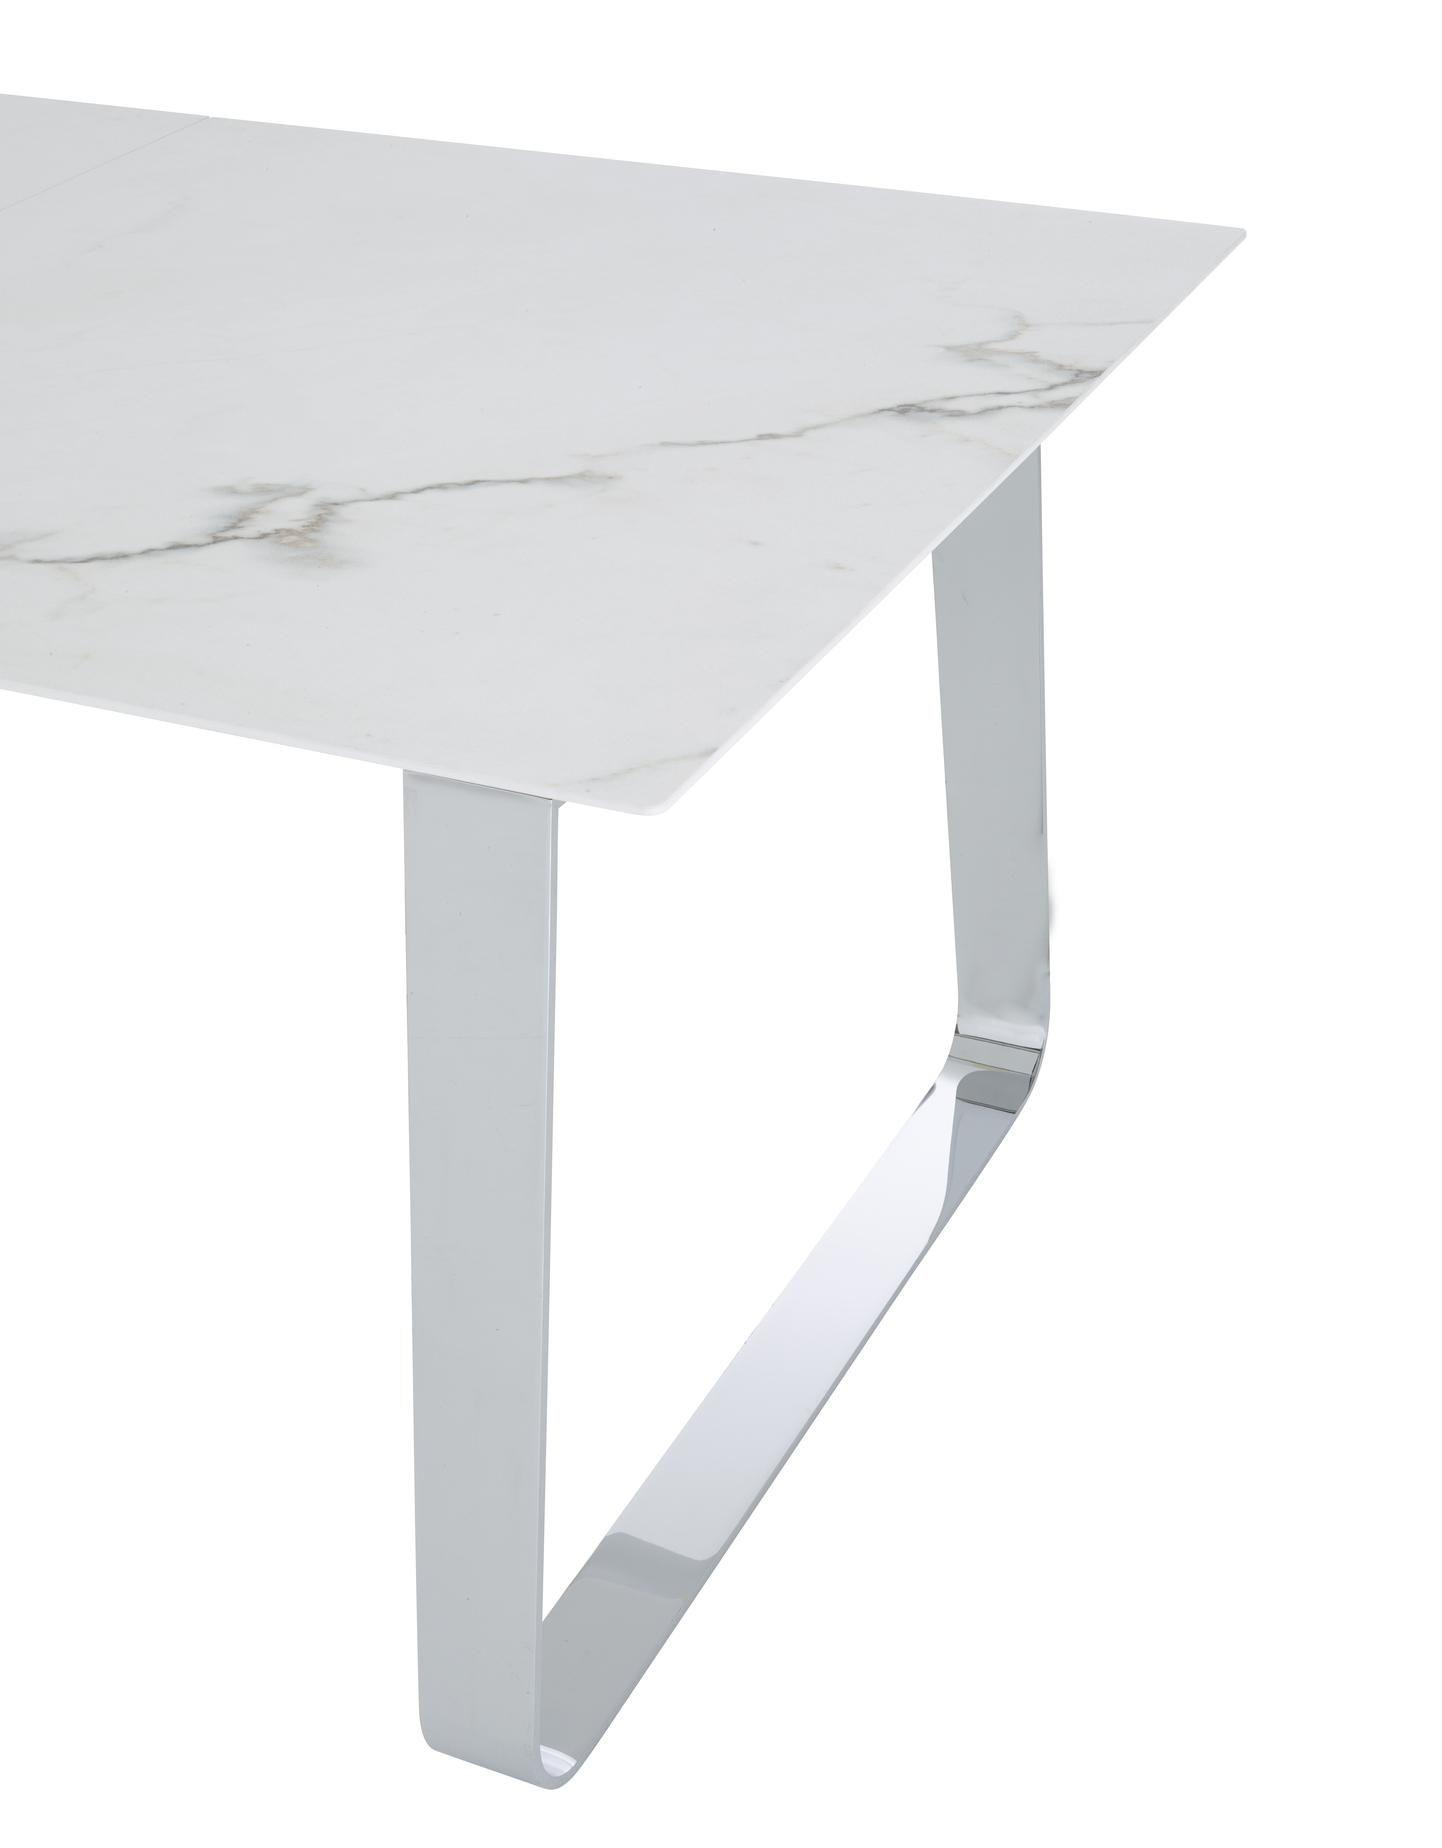 vilna tables designer pagnon pelha tre ligne roset akbar residence living room. Black Bedroom Furniture Sets. Home Design Ideas